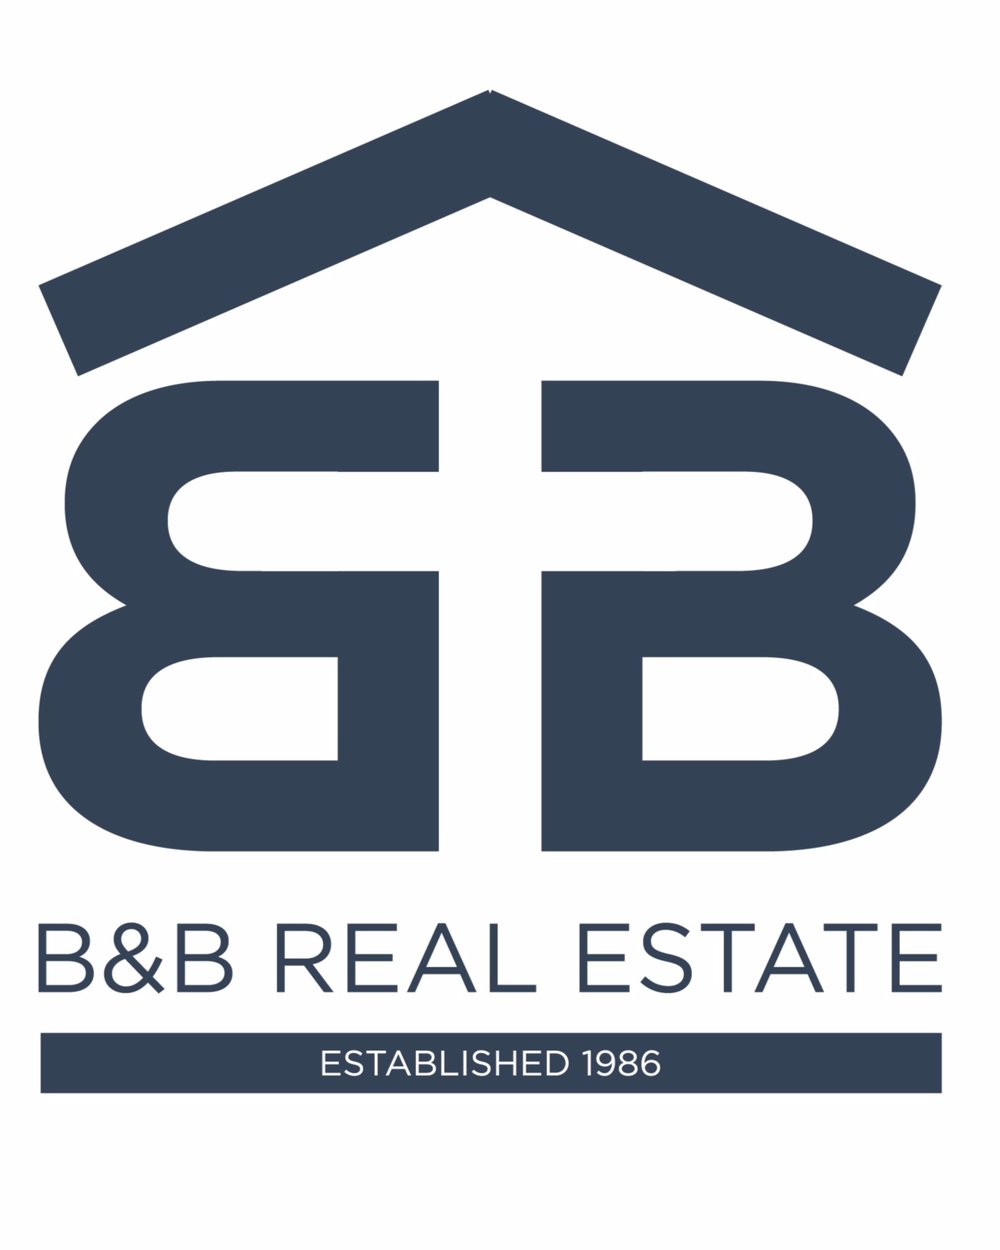 B&B Real Estate_FINAL LOGO.png